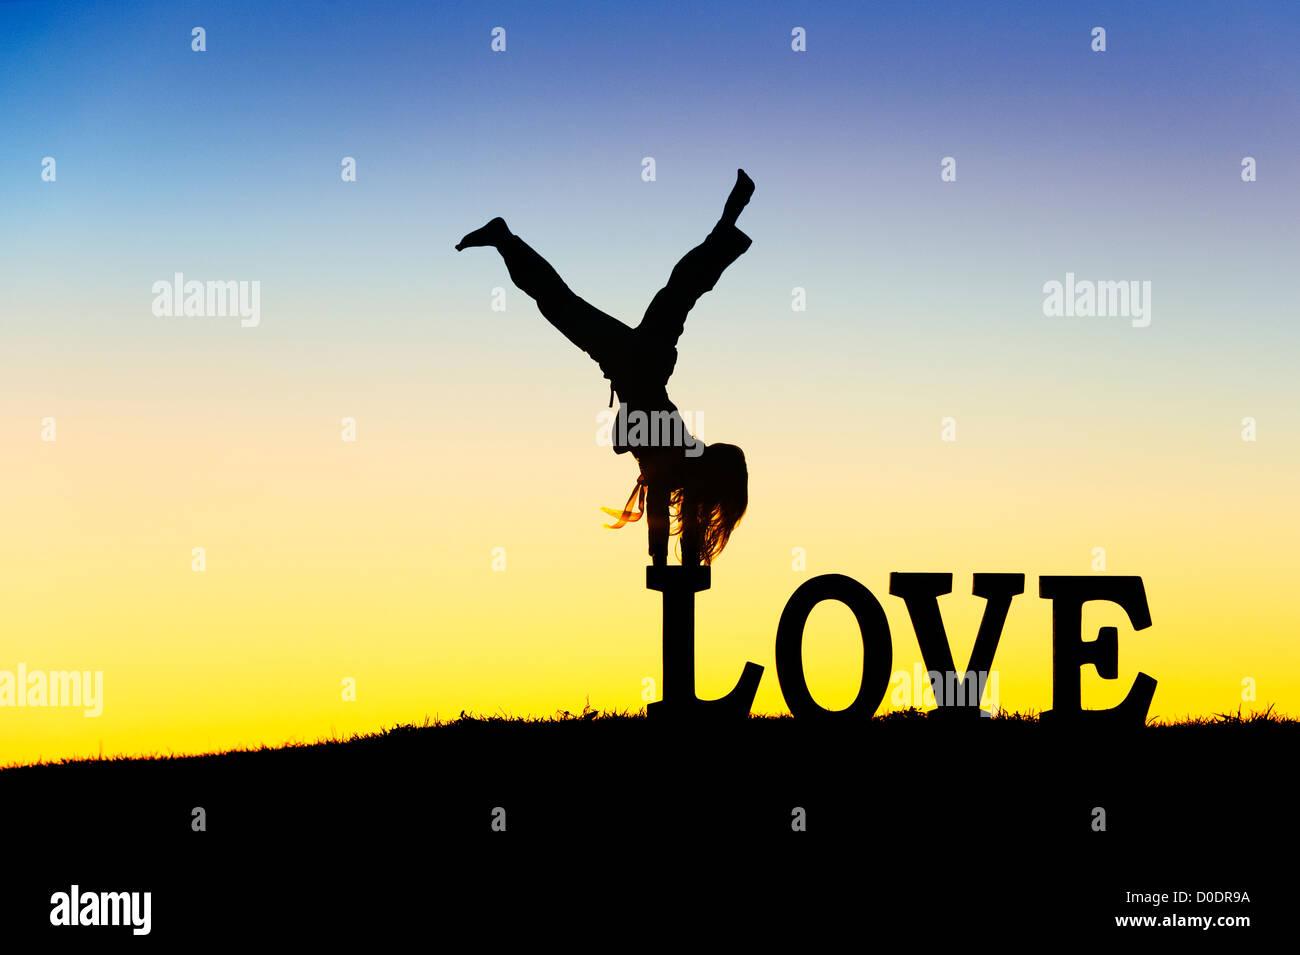 Giovane ragazza facendo un handstand su lettere d'amore. Silhouette. Montaggio di due immagini per il concetto Immagini Stock